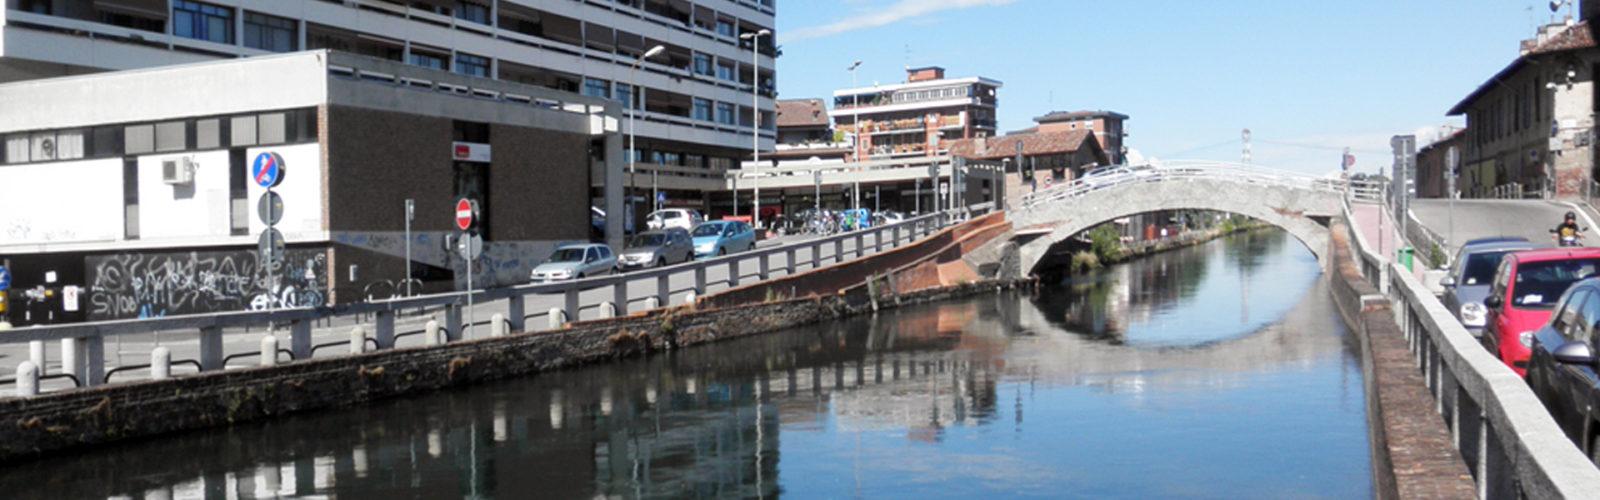 Guardia giurata si butta nel canale e salva una persona priva di sensi